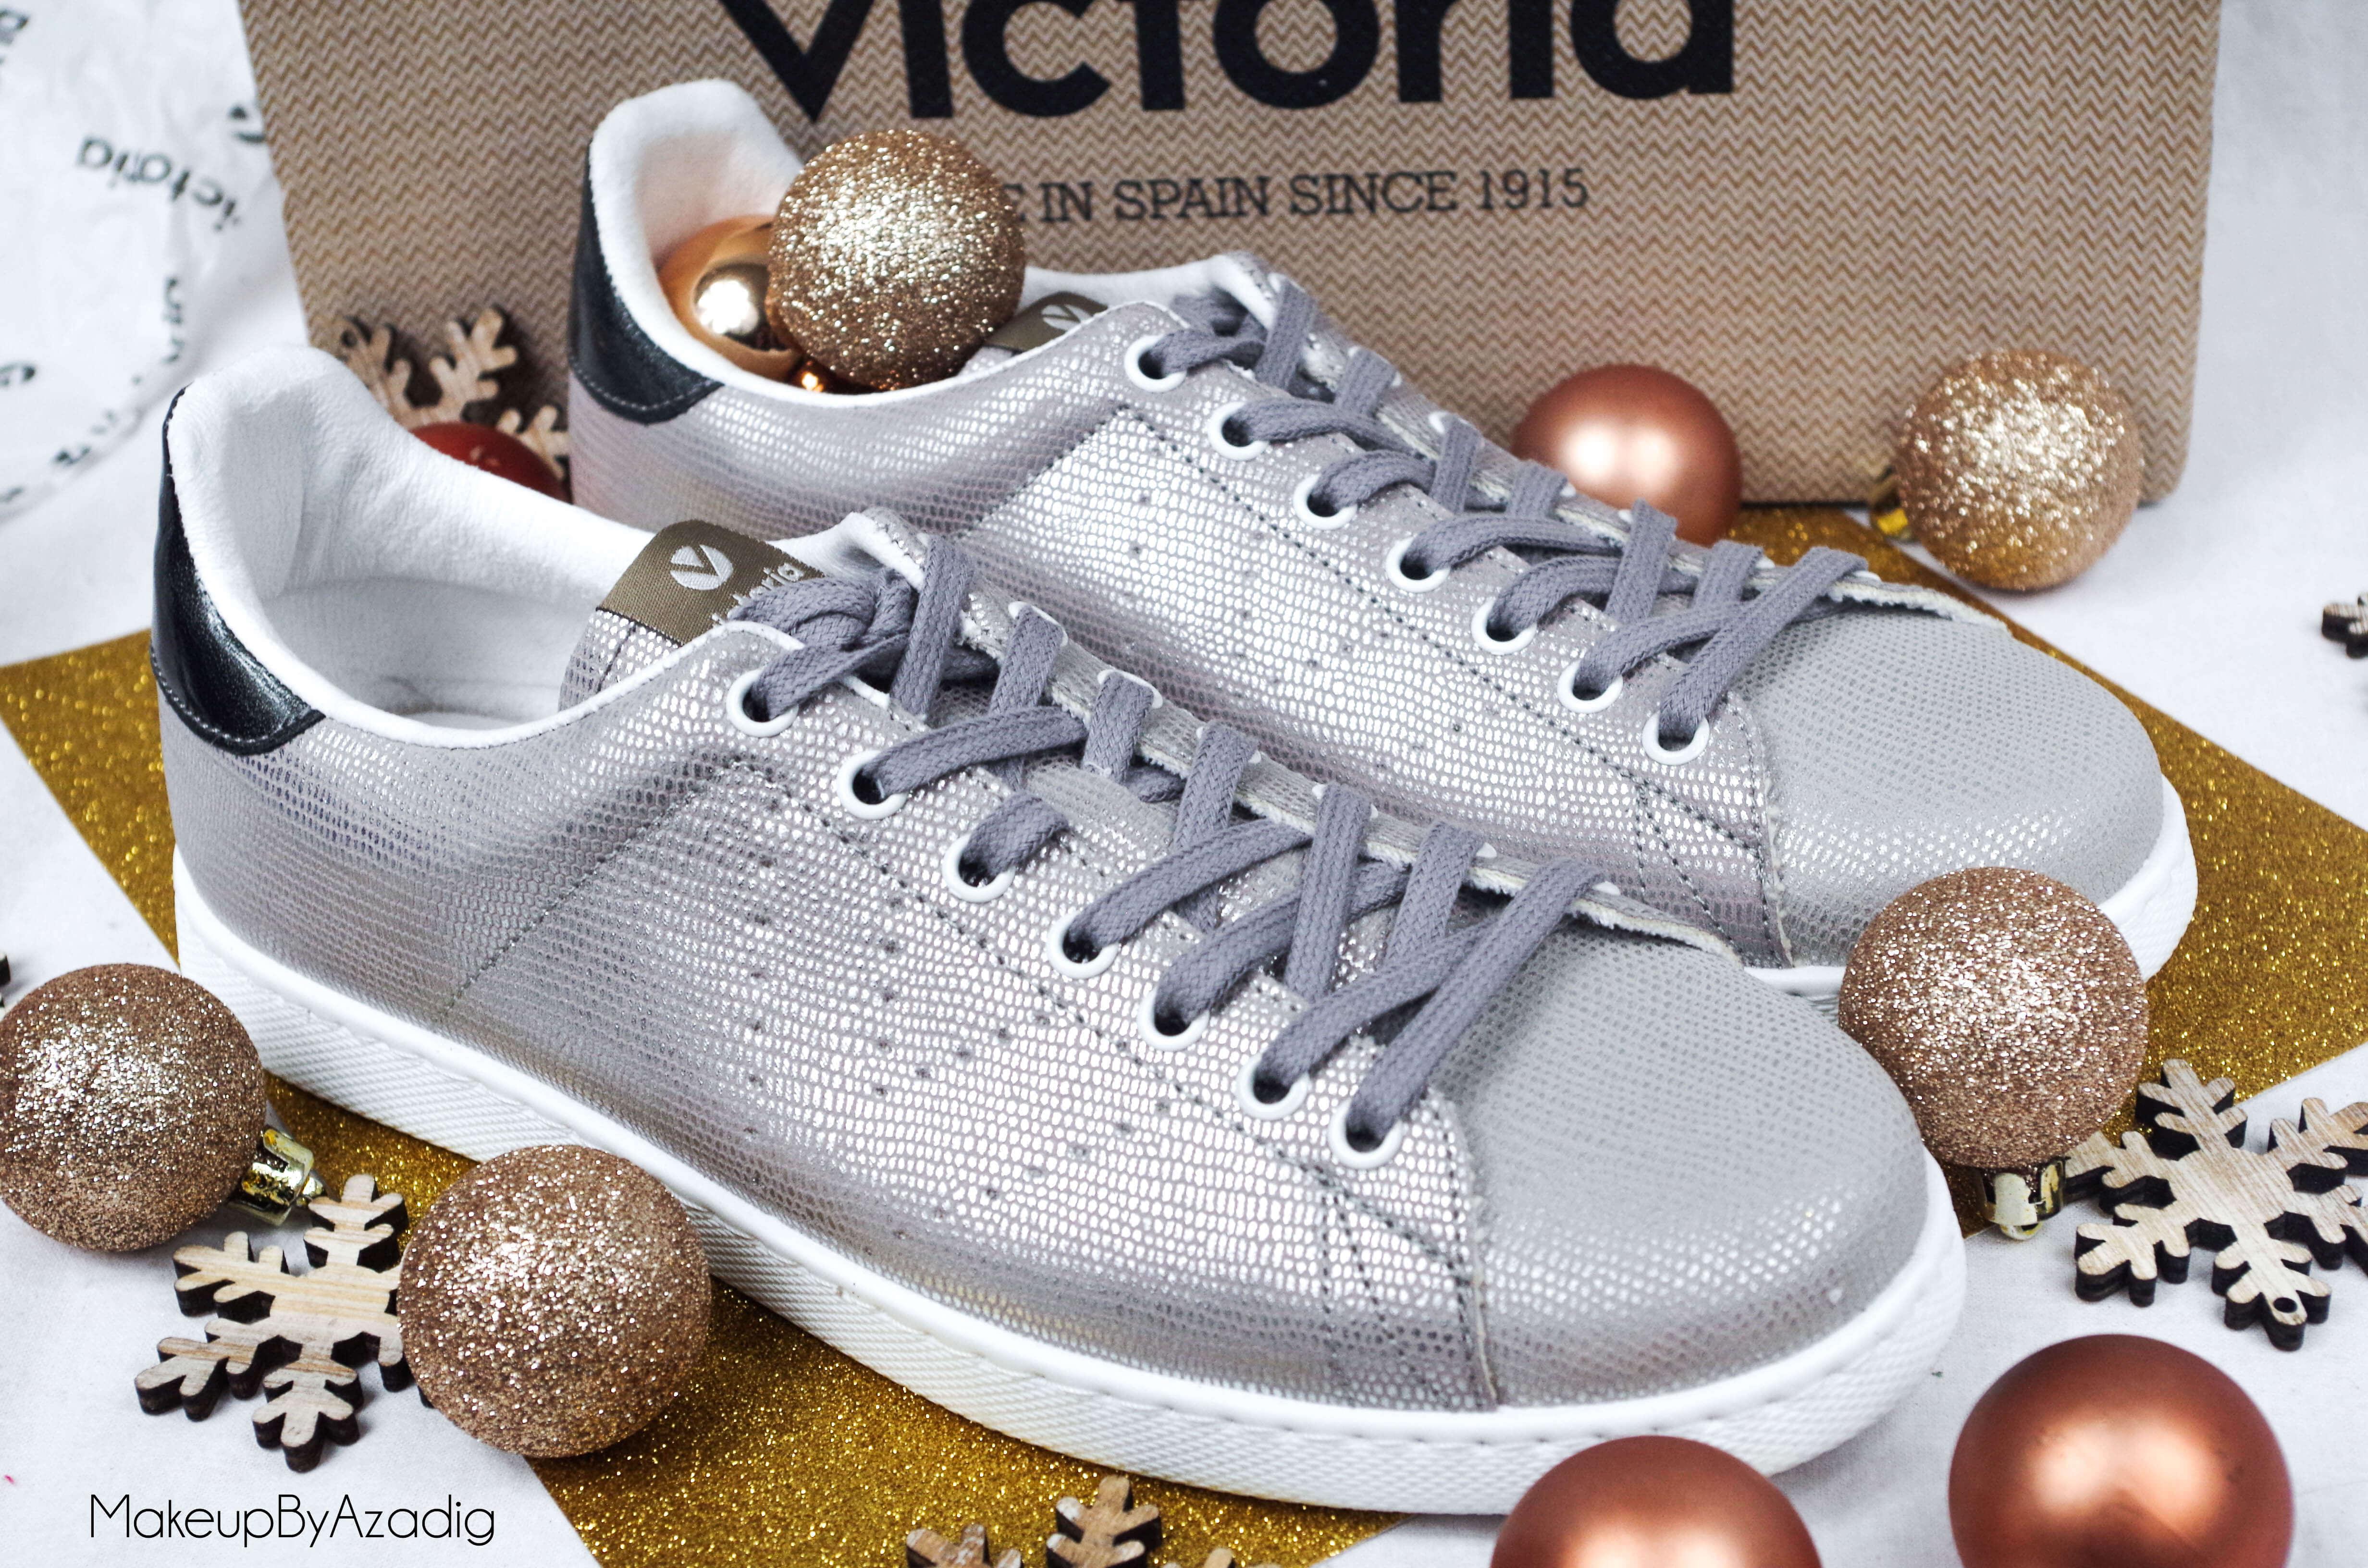 victoria-deportivo-basket-tejido-sneakers-usine-23-makeupbyazadig-troyes-paris-baskets-metallisees-acheter